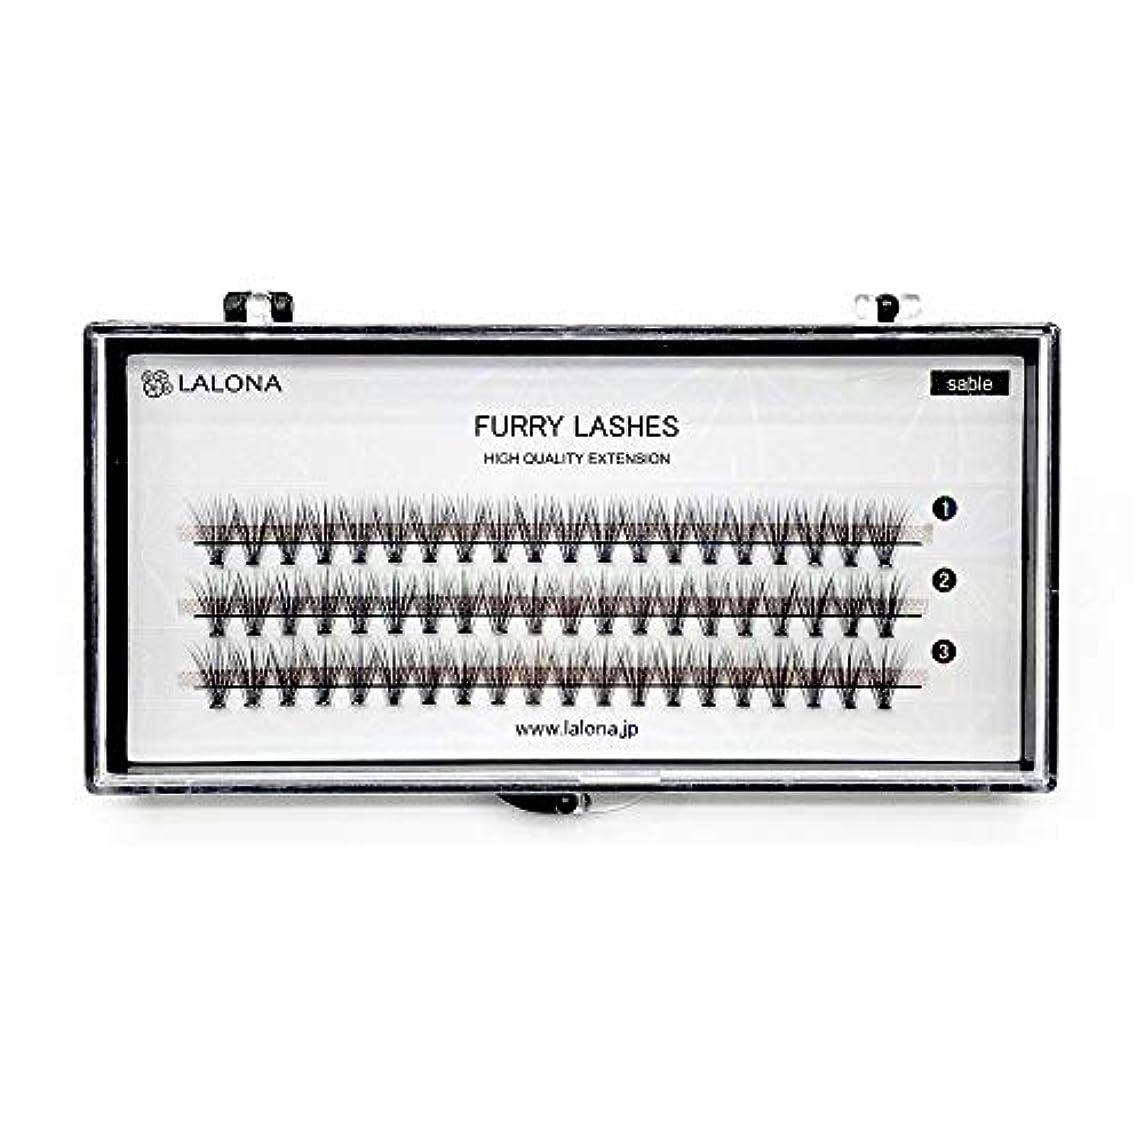 誰もグラフィック序文LALONA [ ラローナ ] ファーリーラッシュ (30D) (60pcs) まつげエクステ 30本束 フレアラッシュ まつエク マツエク 束まつげ セーブル (0.05 / 10mm)